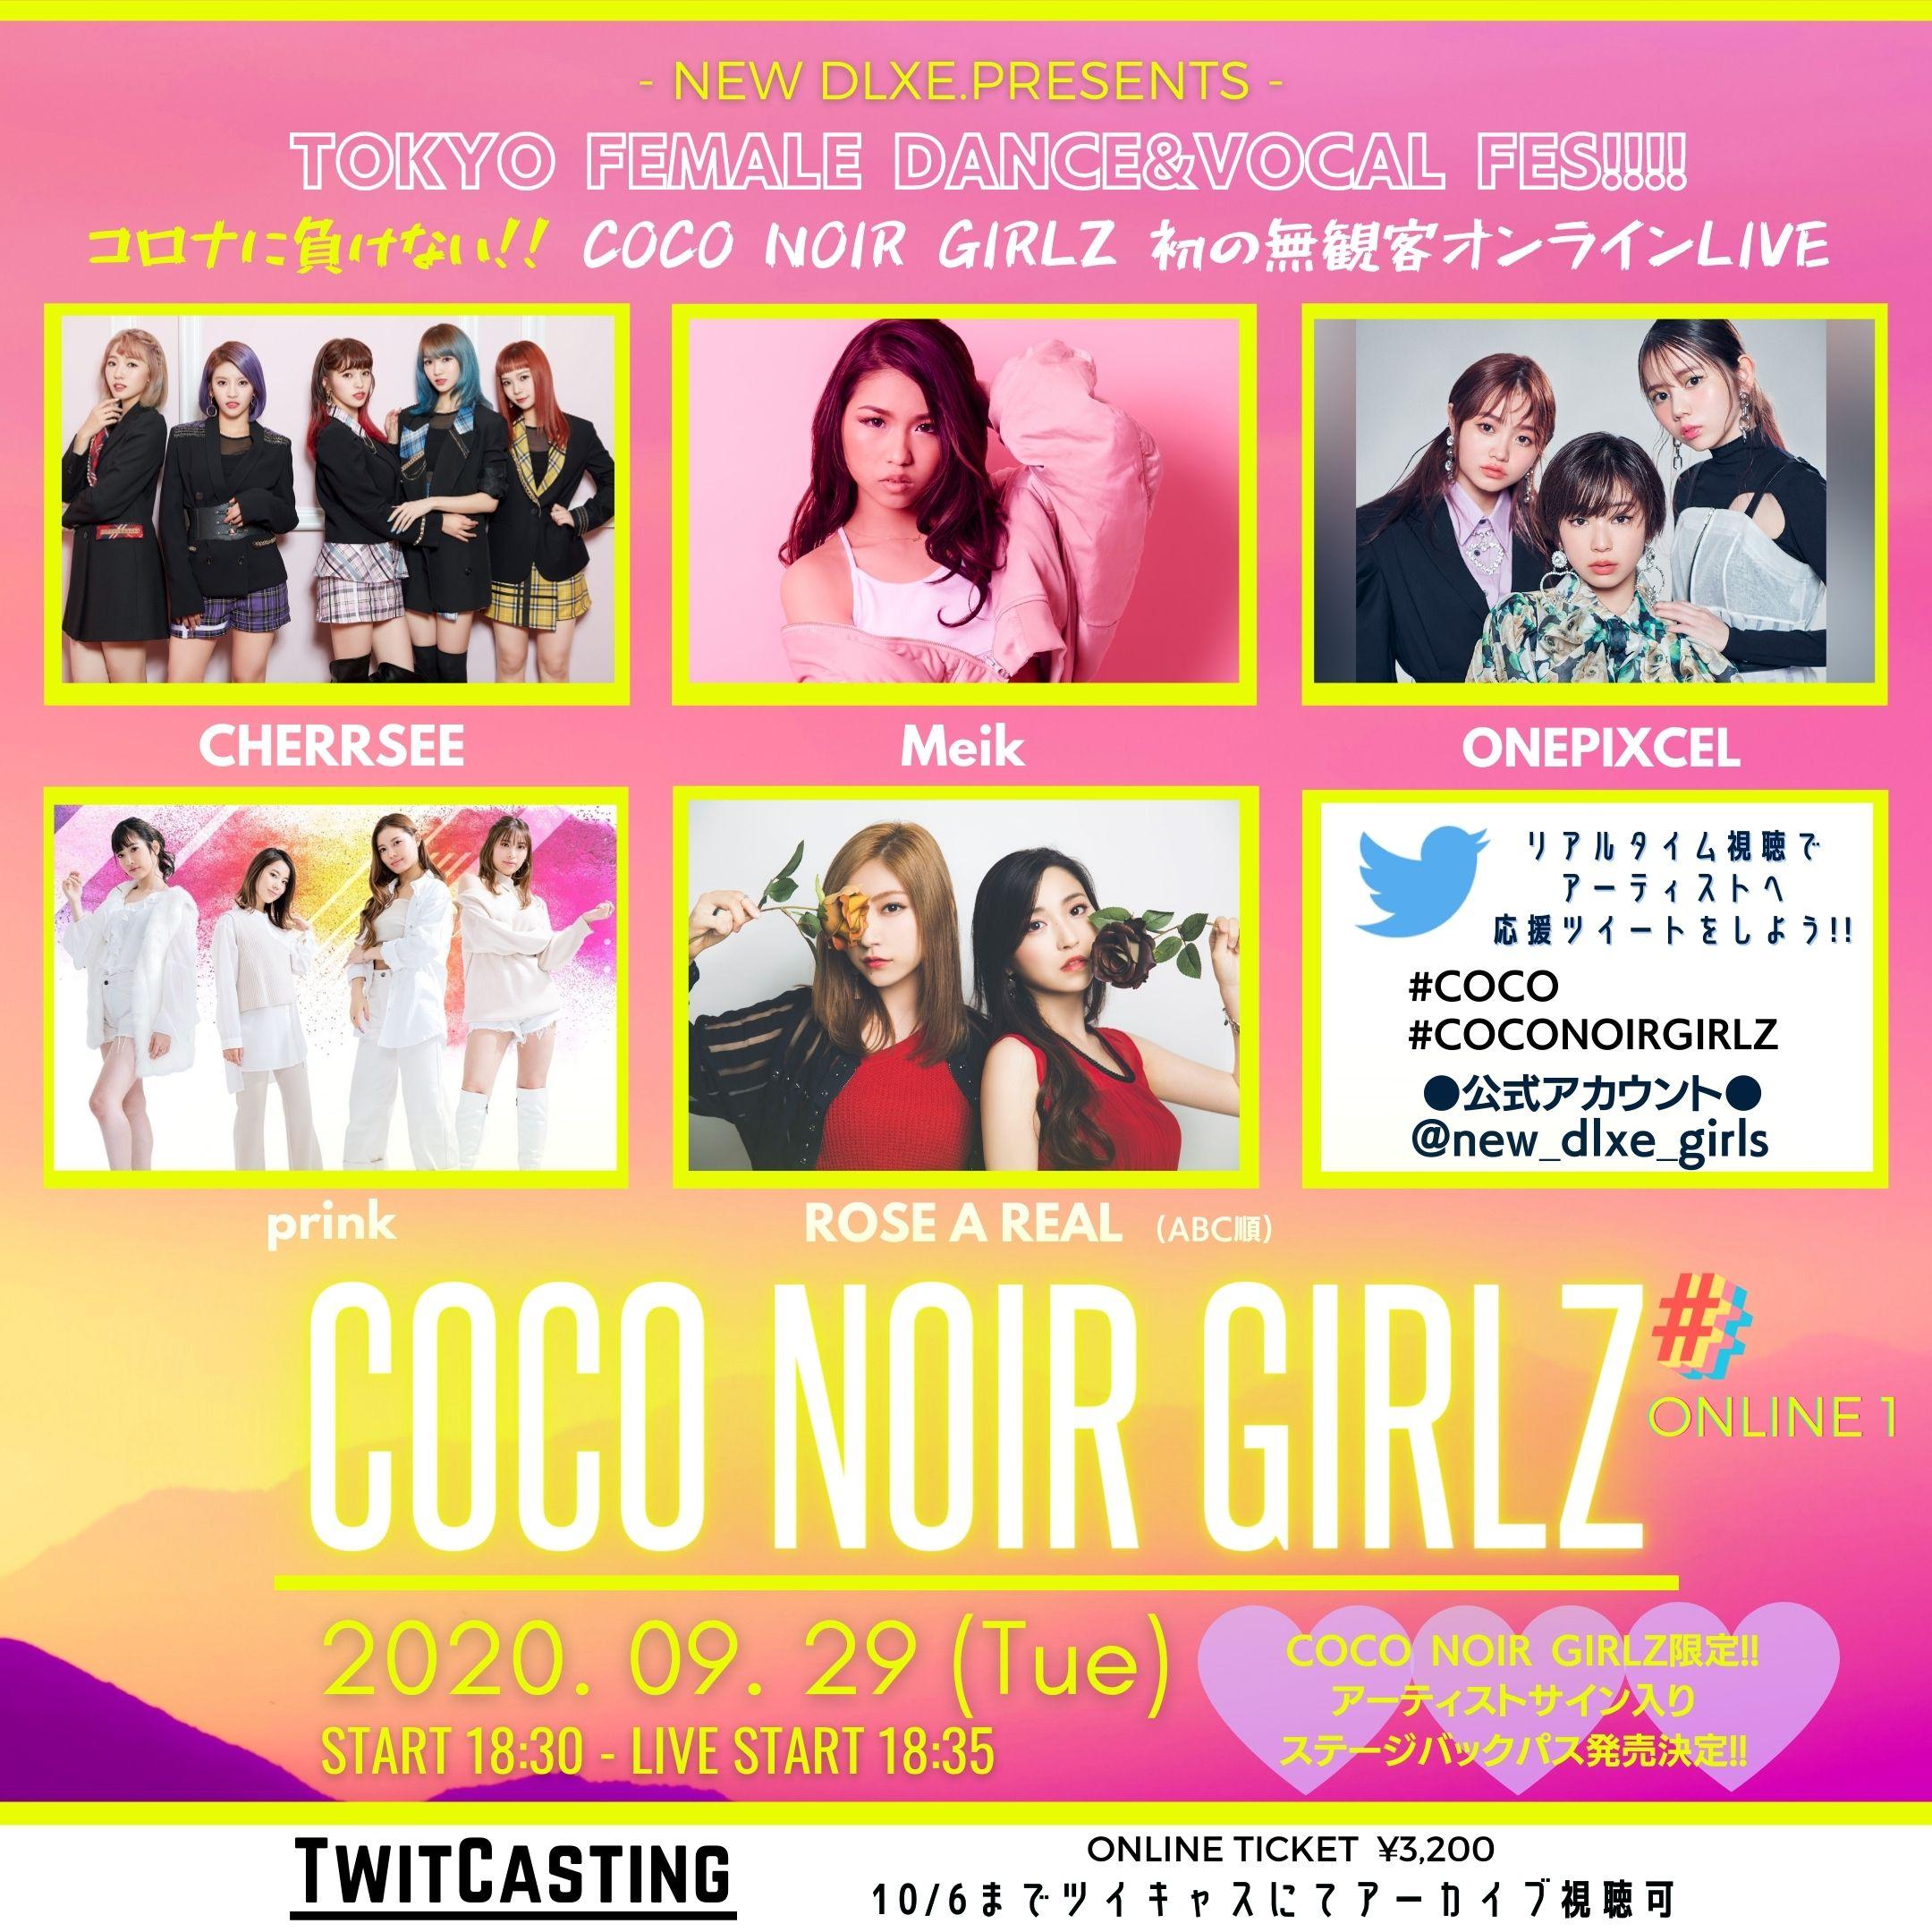 COCO NOIR GIRLZ-#ONLINE1-サイン入りバックステージパス